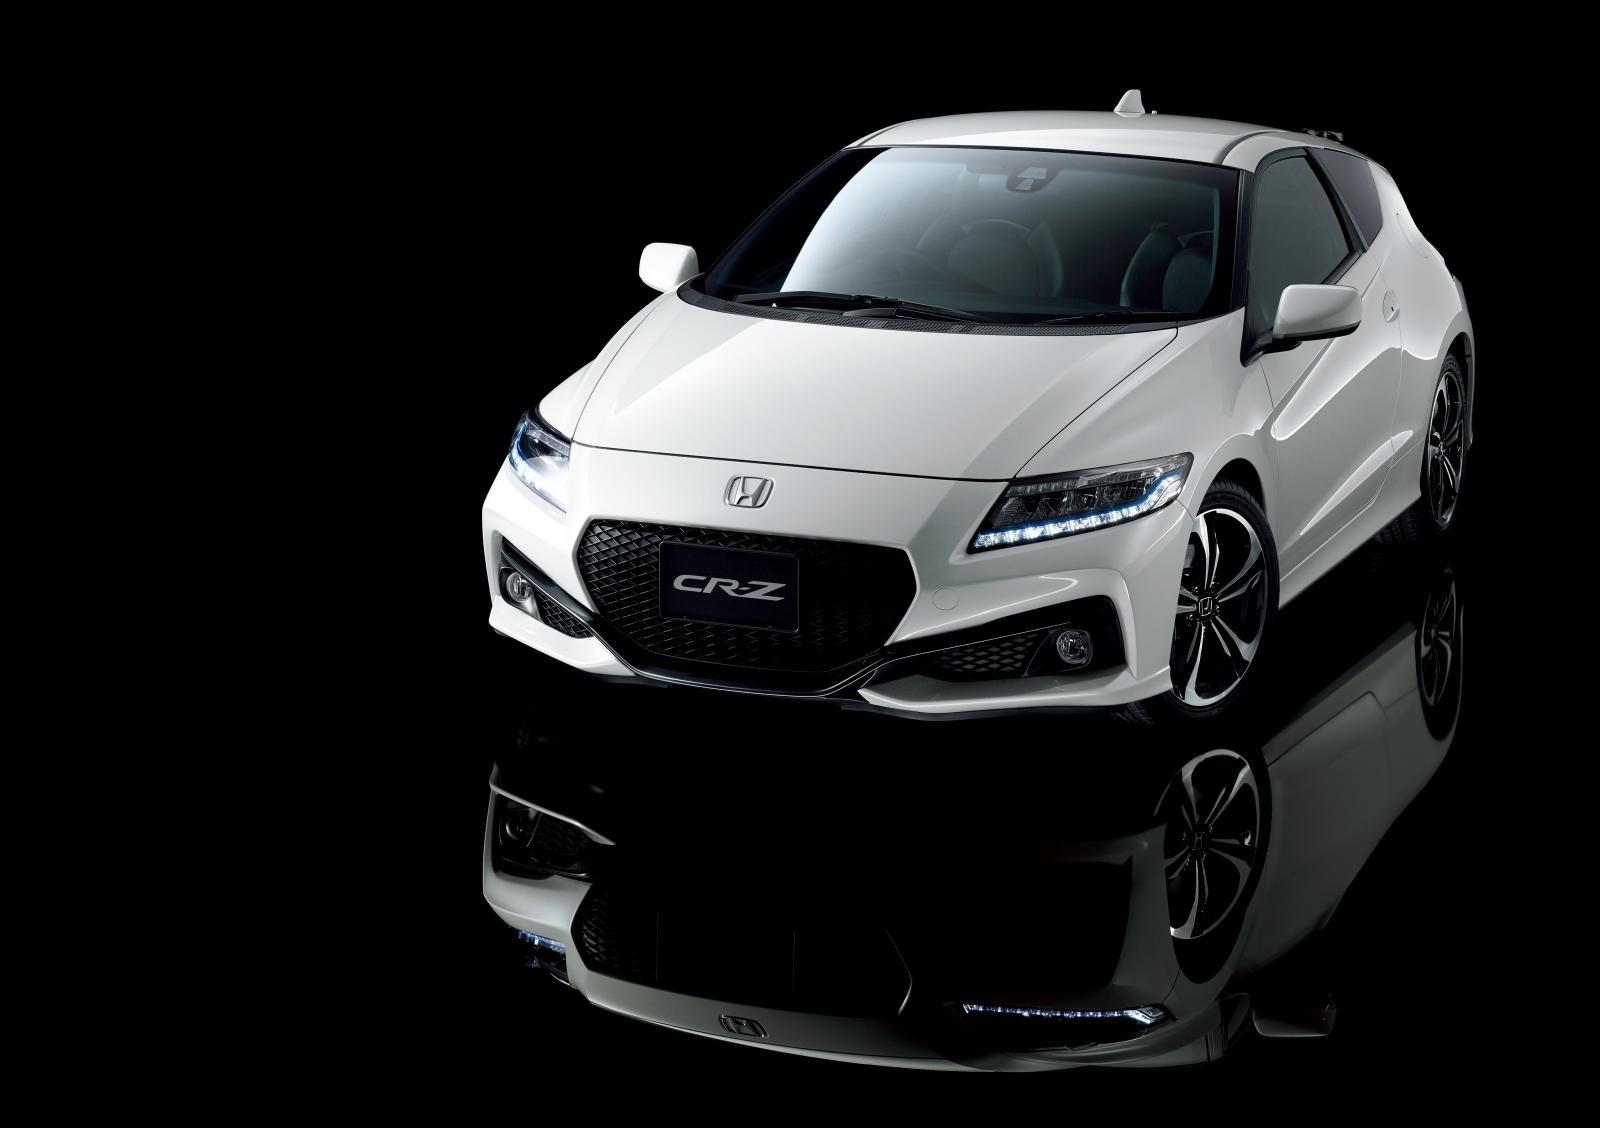 [Image: S0-Honda-officialise-le-restylage-du-CR-Z-360064.jpg]